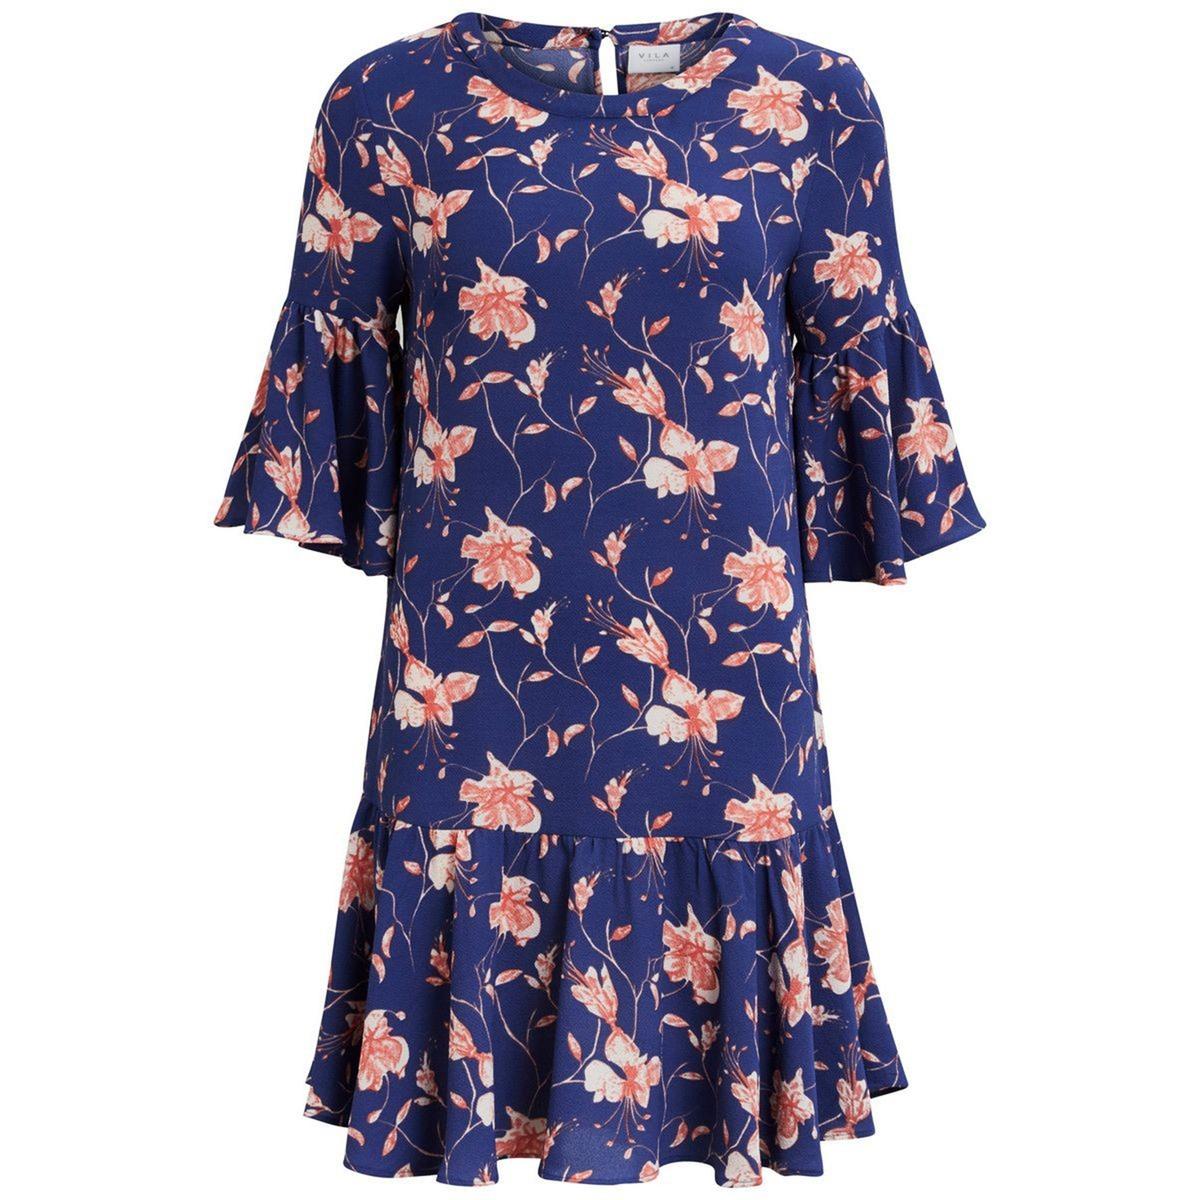 Платье короткое расклешенное с рукавами 3/4 vila платье vila модель 25960236